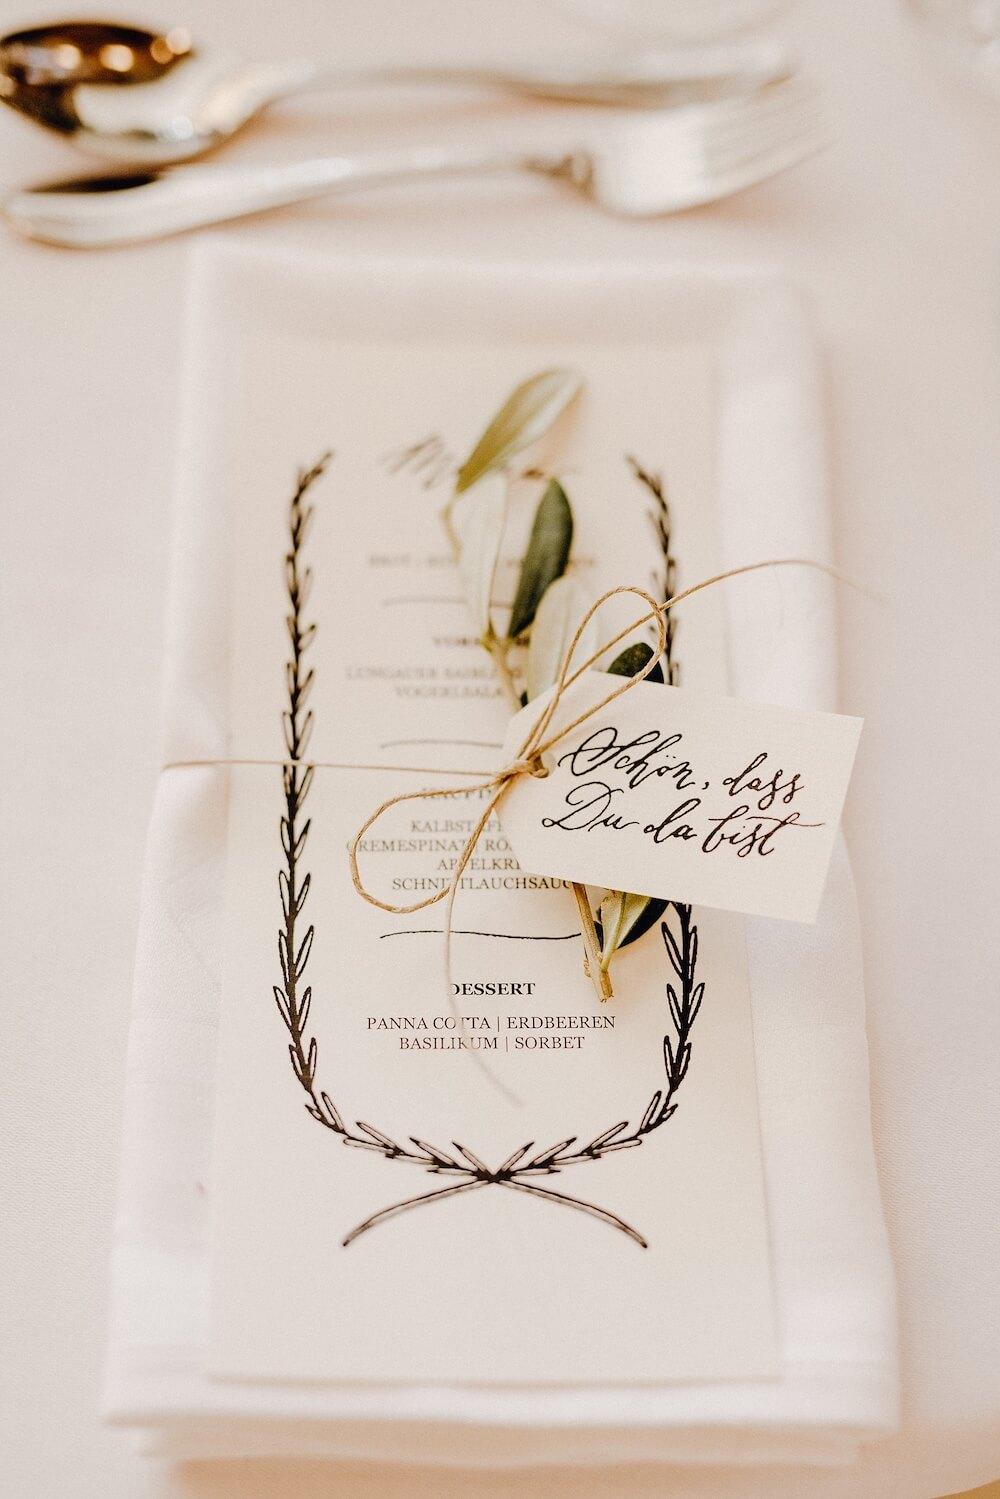 Exklusive Kalligraphie Für Wenig Budget So Gestaltest Du Günstig Hochwertige Hochzeitseinladungen Mit Freebie Jeannette Mokosch